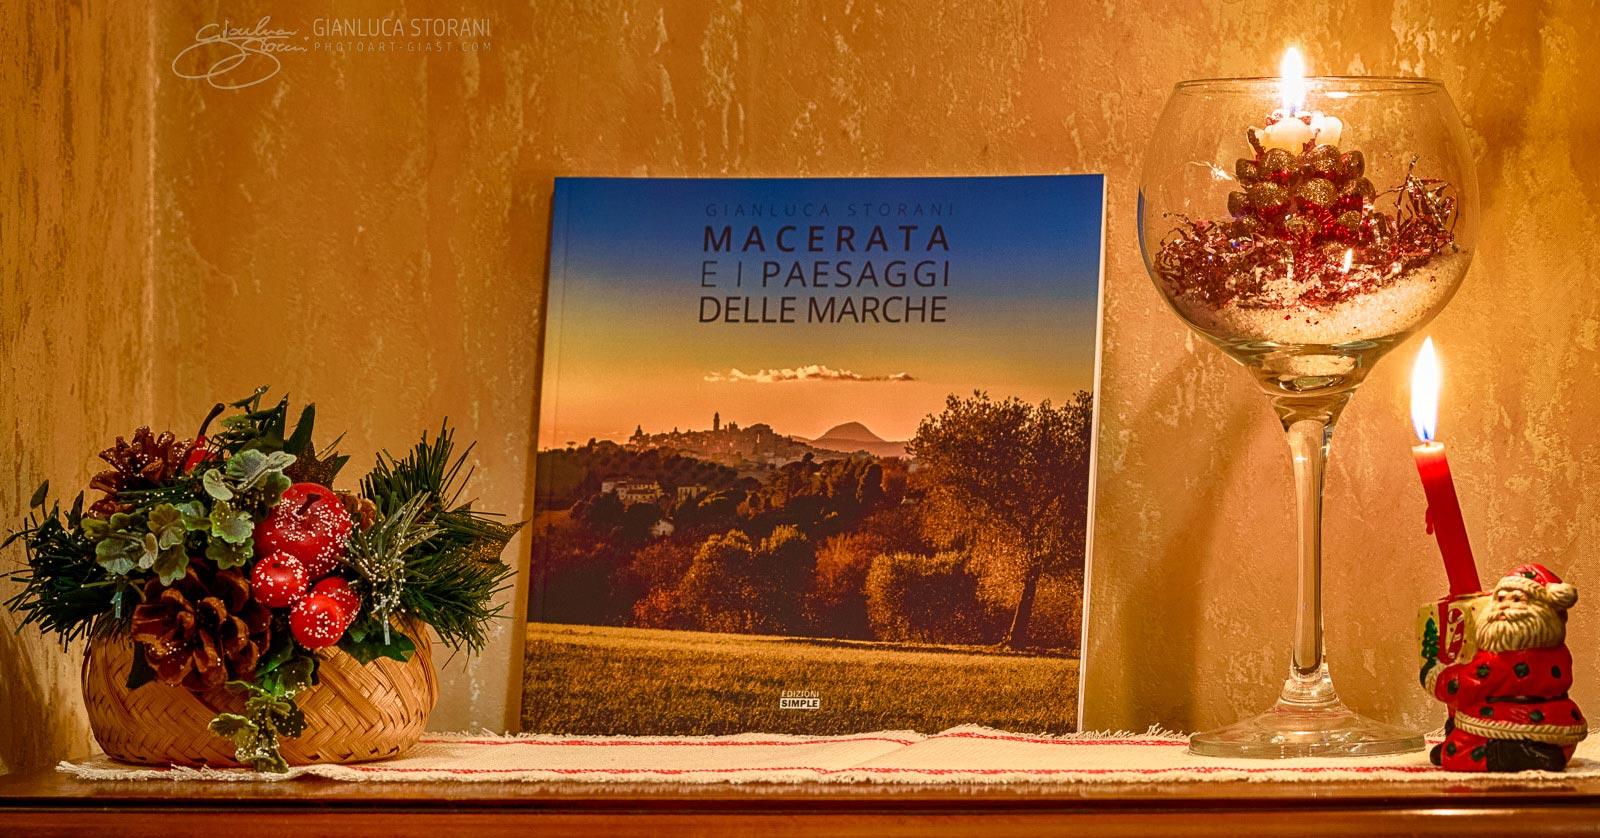 Buon Natale da Macerata e i paesaggi delle Marche (ID: 4-6931)